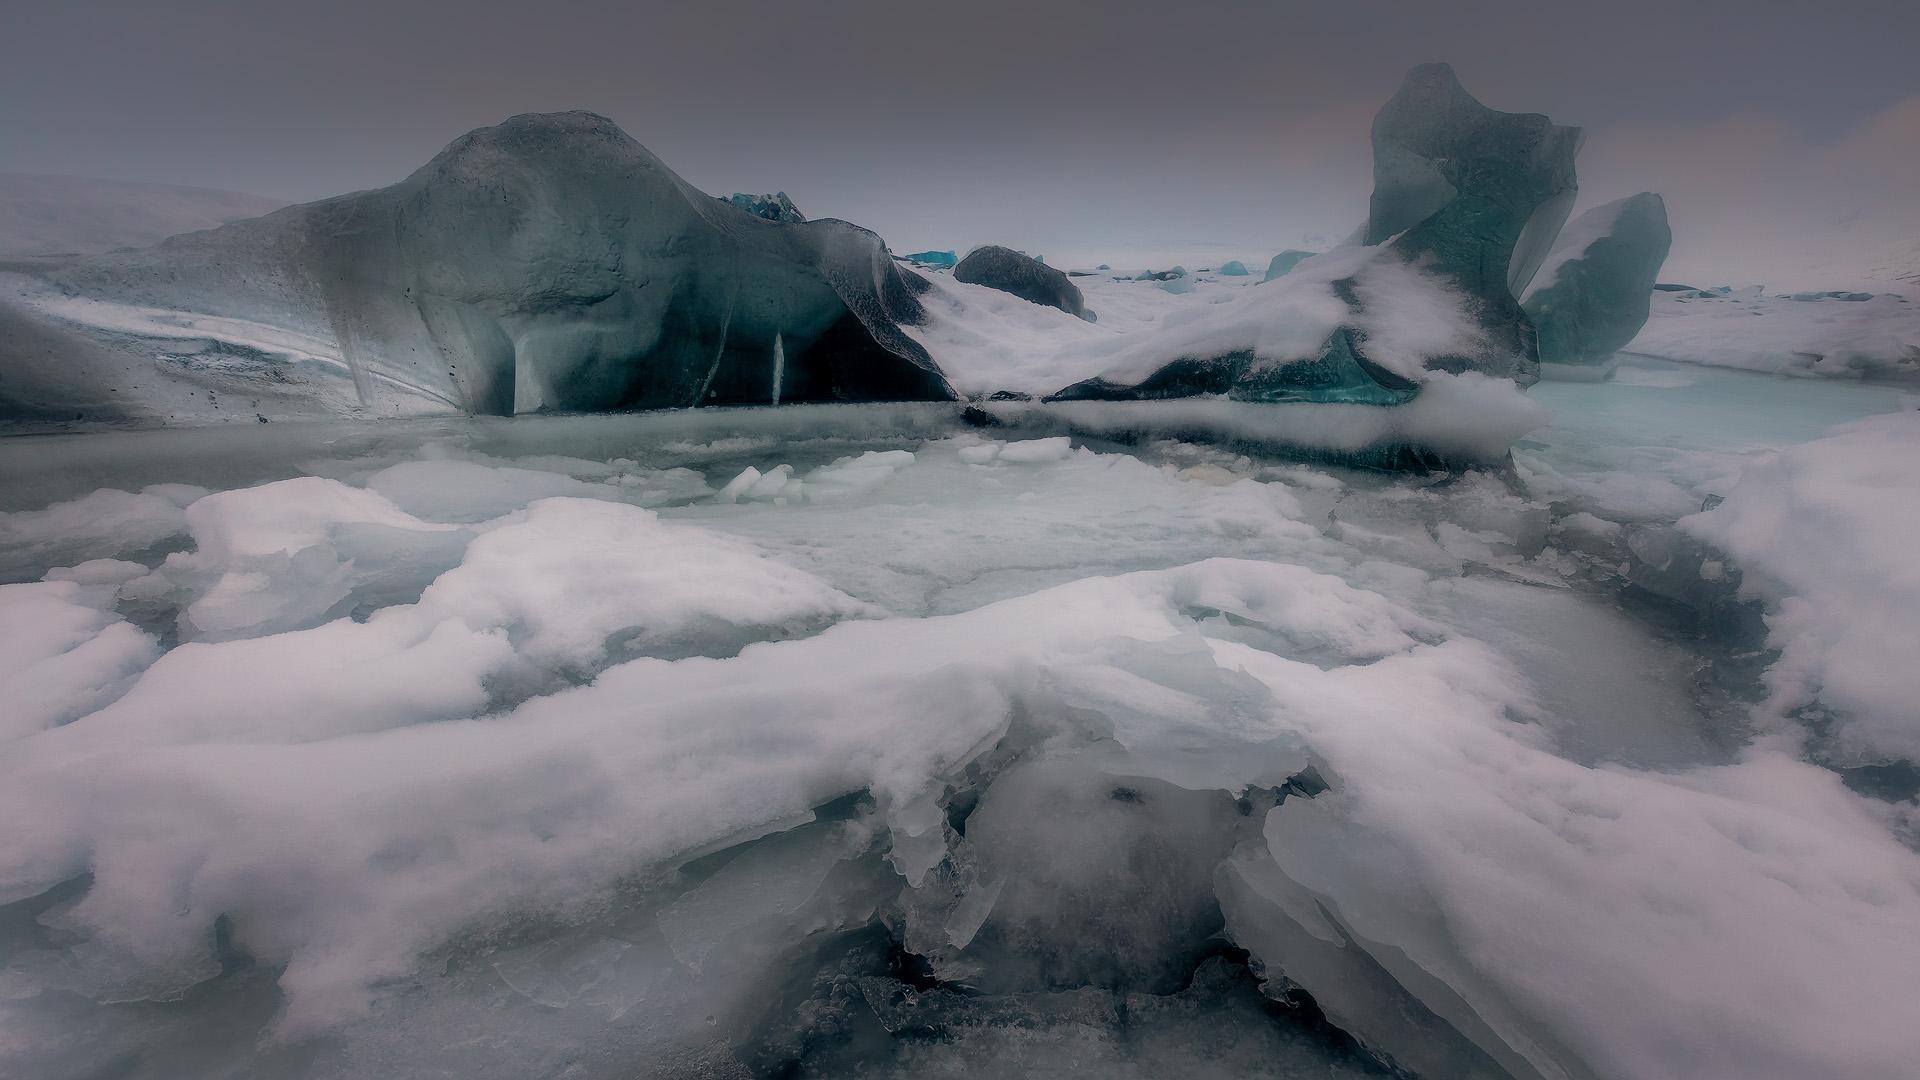 ijsland feb 2019-610 kopiëren.jpg